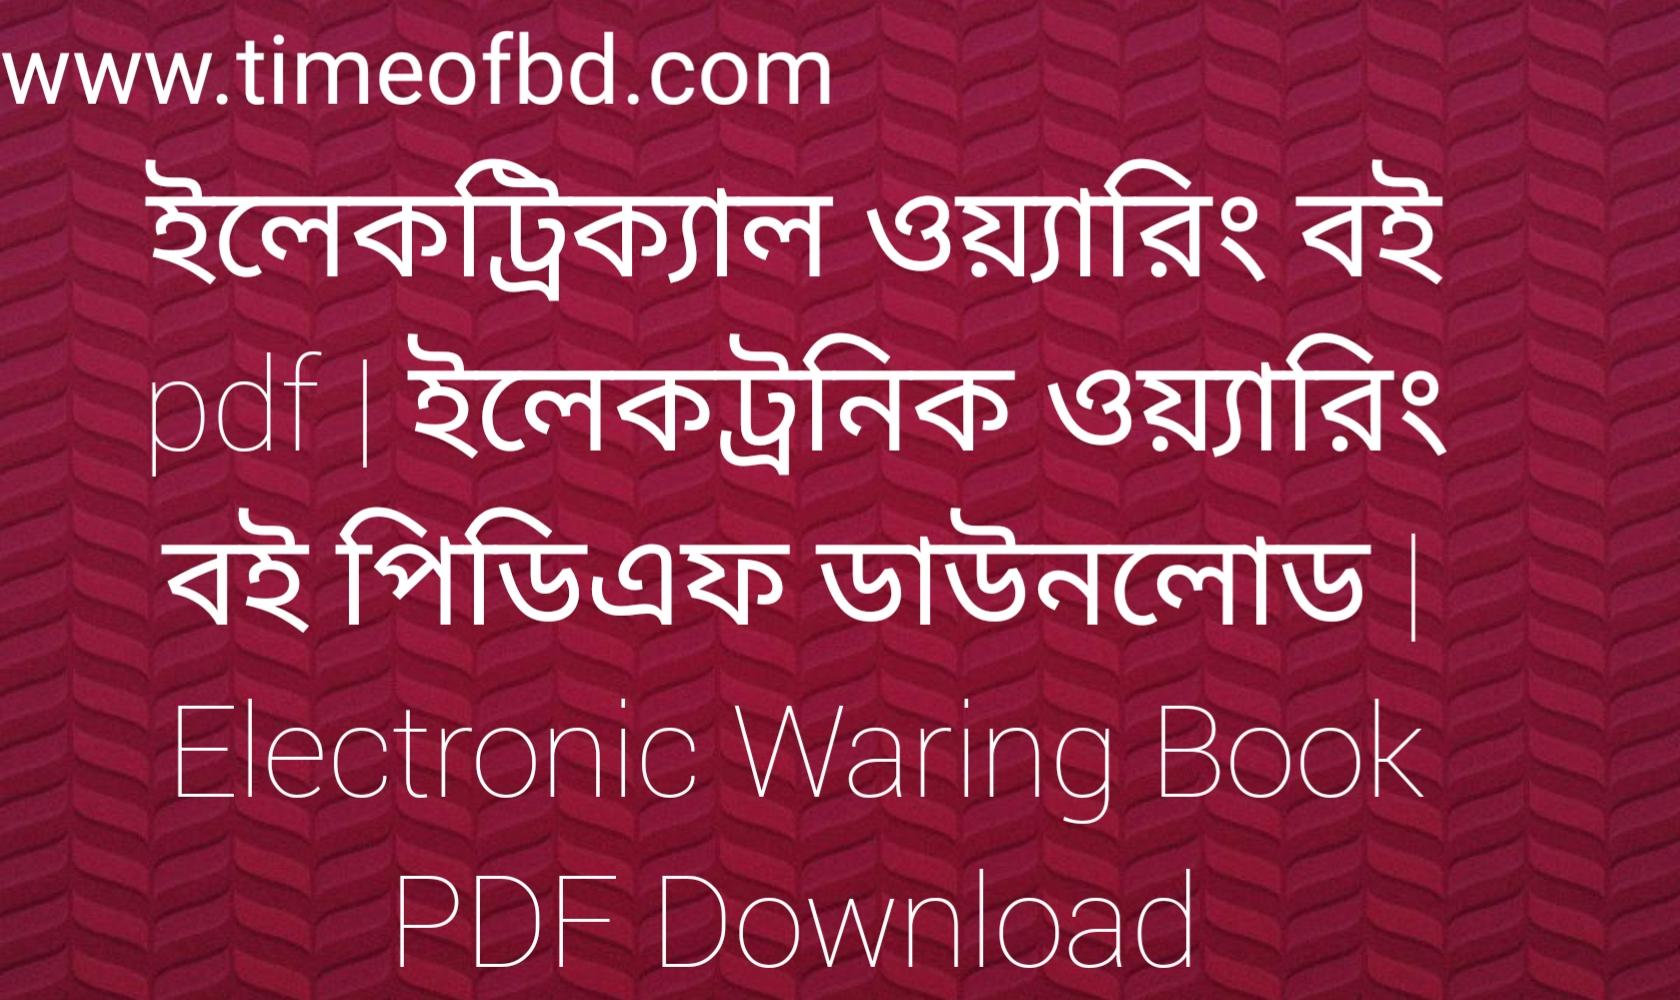 ইলেকট্রিক্যাল ওয়্যারিং বই pdf, ইলেকট্রনিক ওয়্যারিং বই পিডিএফ ডাউনলোড, ইলেকট্রনিক ওয়্যারিং বই পিডিএফ, ইলেকট্রিক্যাল ওয়্যারিং বই pdf download,